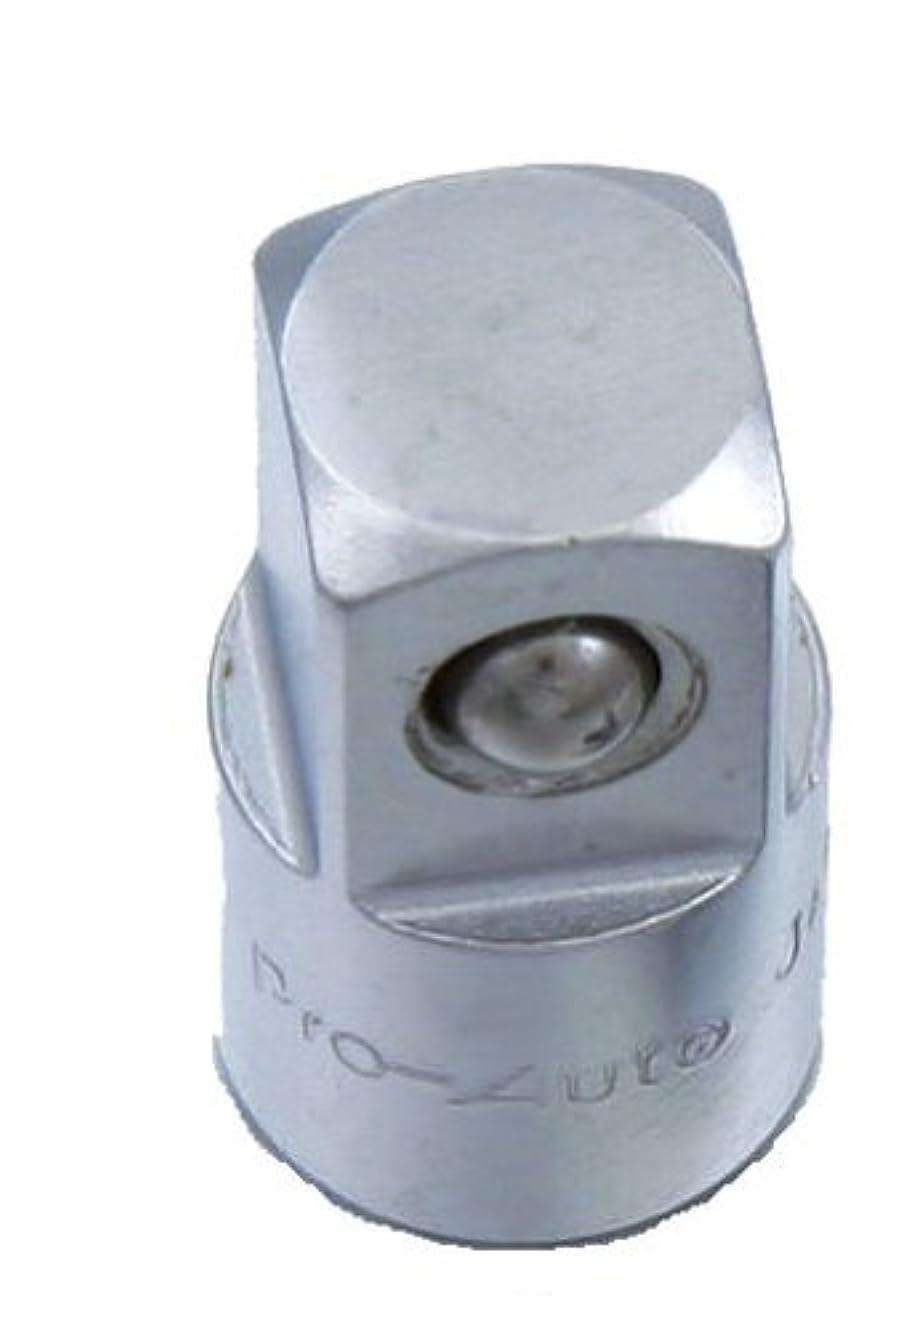 スエカゲツール アダプターソケット Pro-Auto 3261004 19.0(-)×25.4(+)×全長:60mm